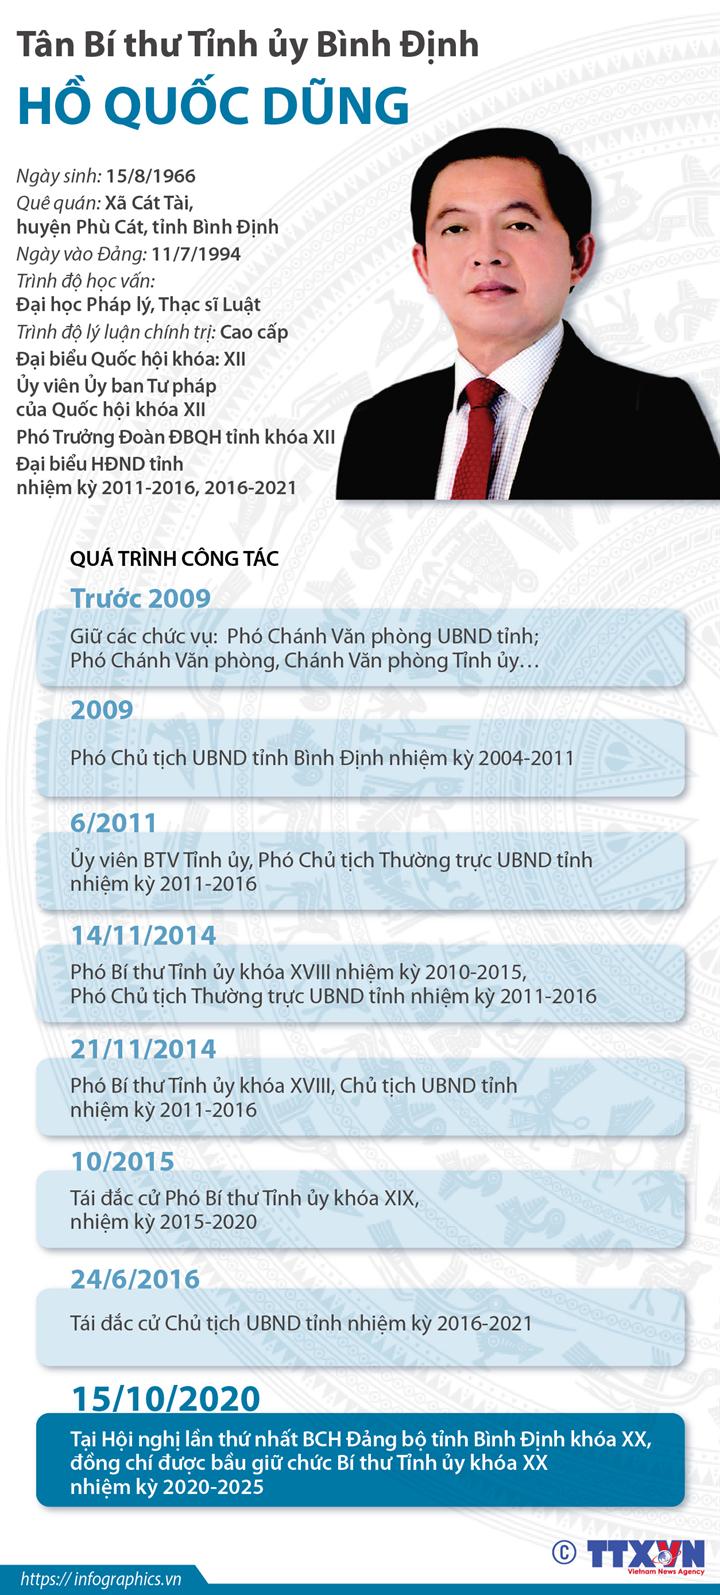 Tân Bí thư Tỉnh ủy Bình Định Hồ Quốc Dũng